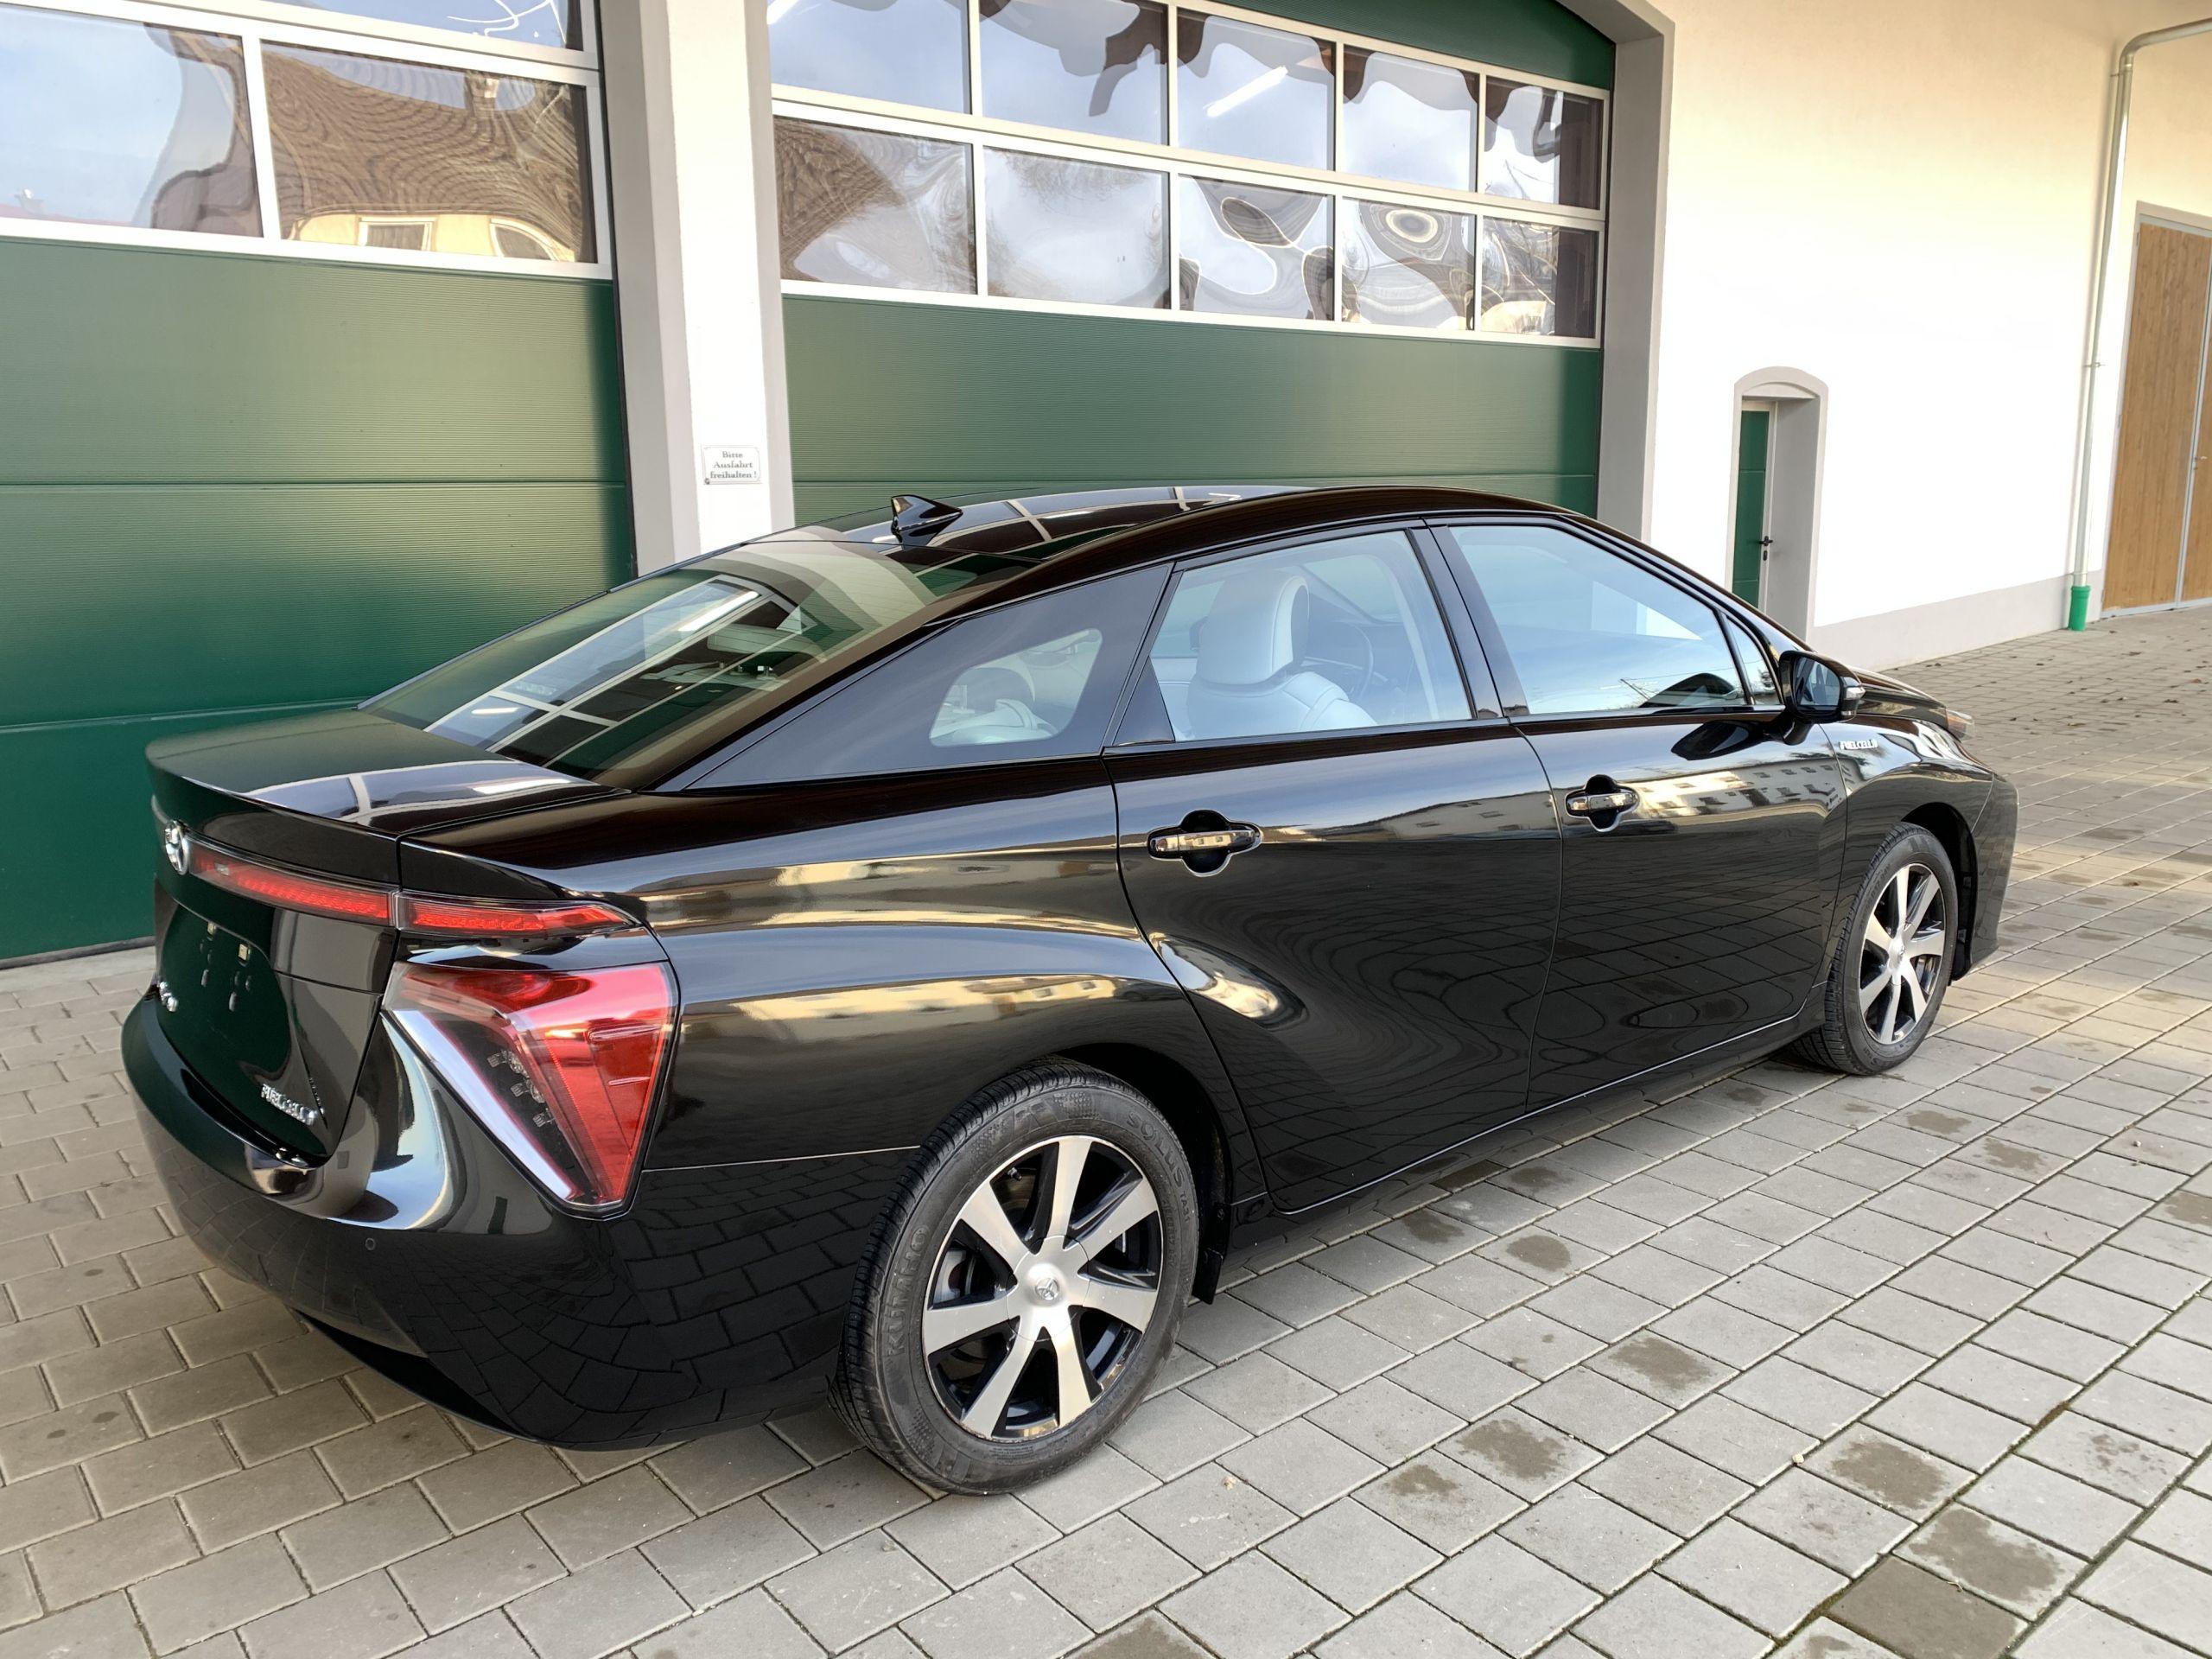 Schwarzer Gebraucht Toyota Mirai Wasserstoff Brennstoffzelle zu verkaufen Deutschland 4